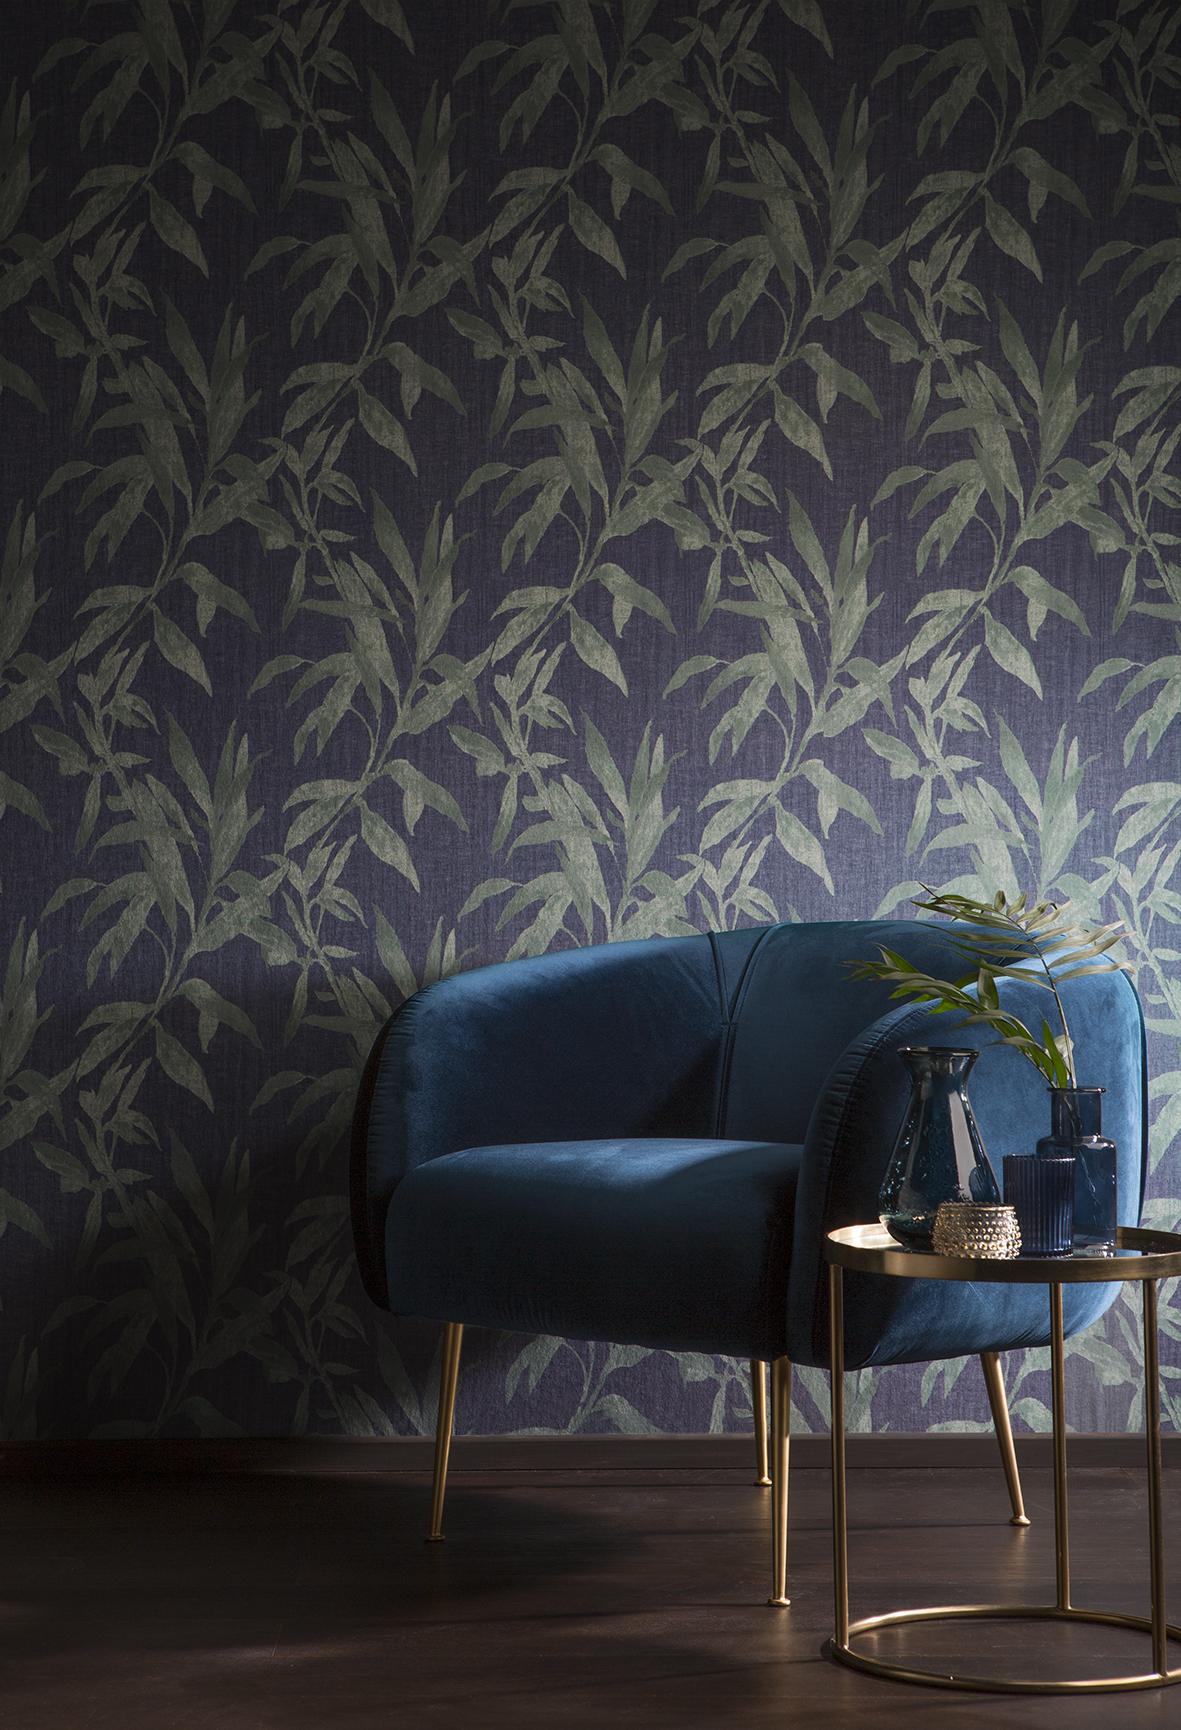 Ambiente com poltrona, mesa de canto e papel de parede azul com plantas verdes.